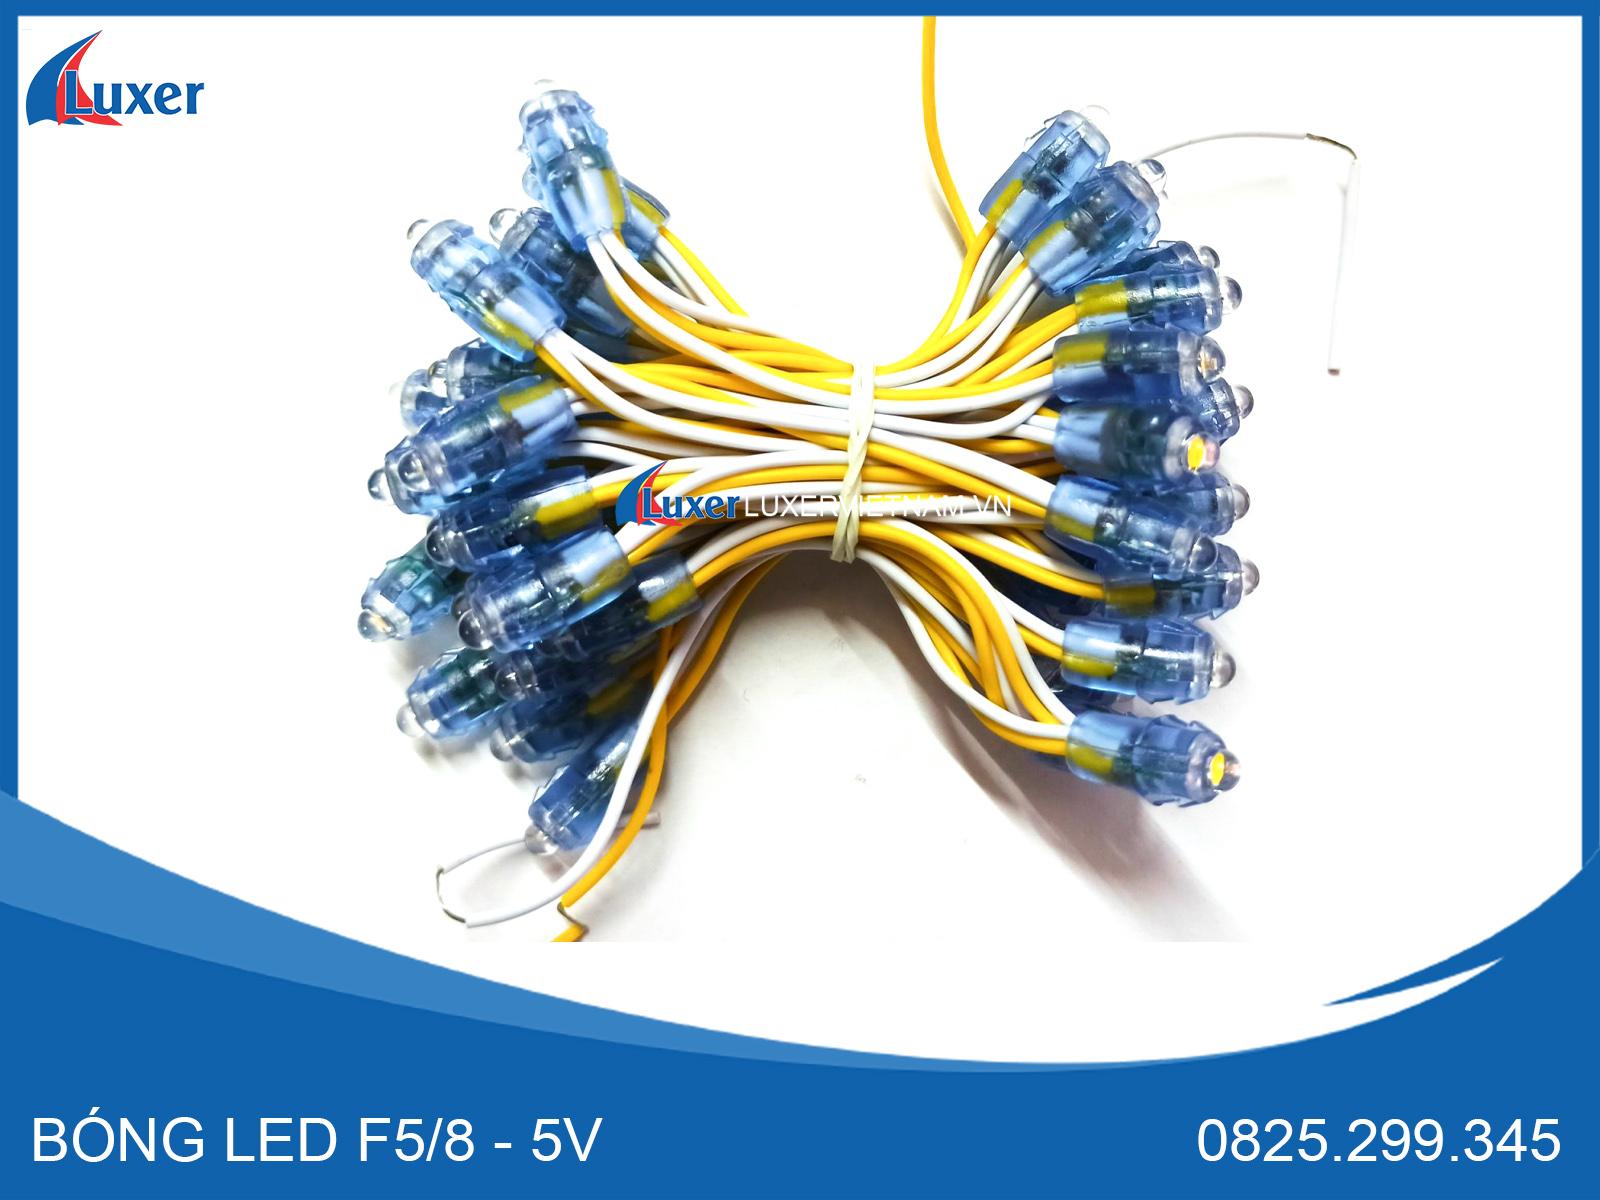 Bóng Led F5/8 - 5V